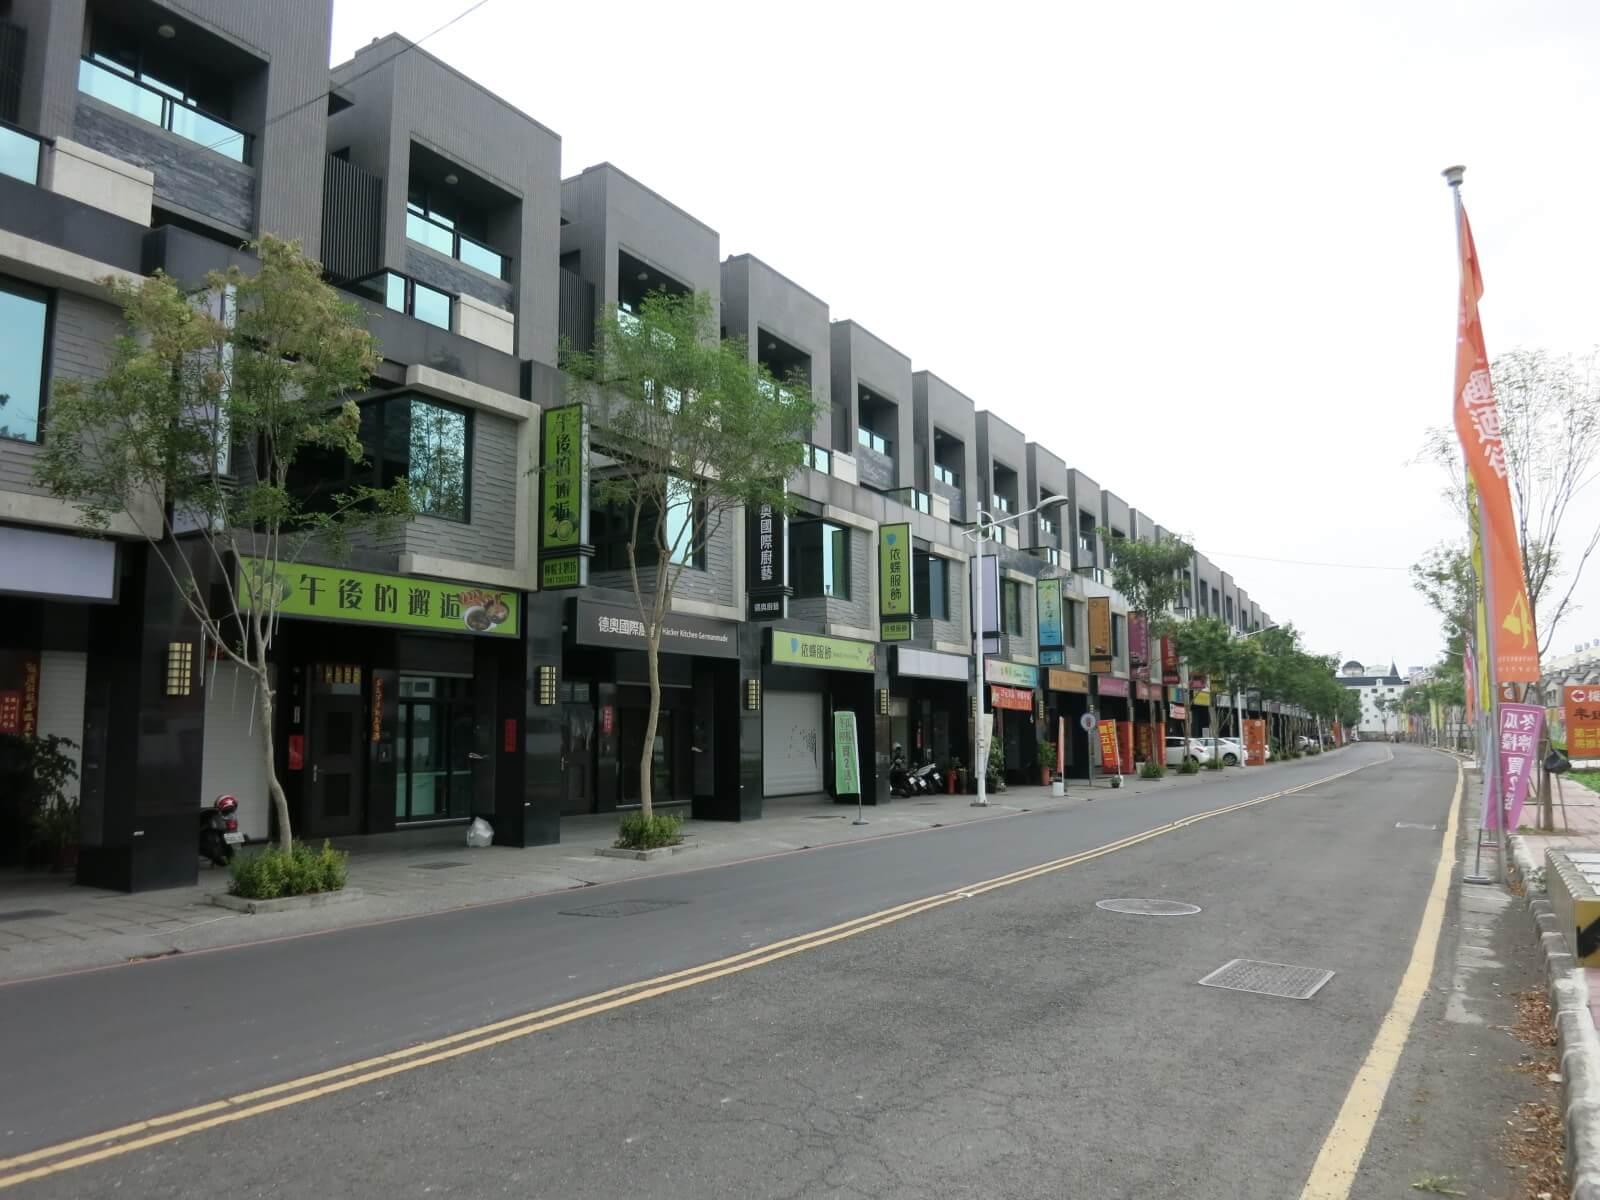 圖片:來趣迺街 屏東巿建案 500米社區造街透天商店城